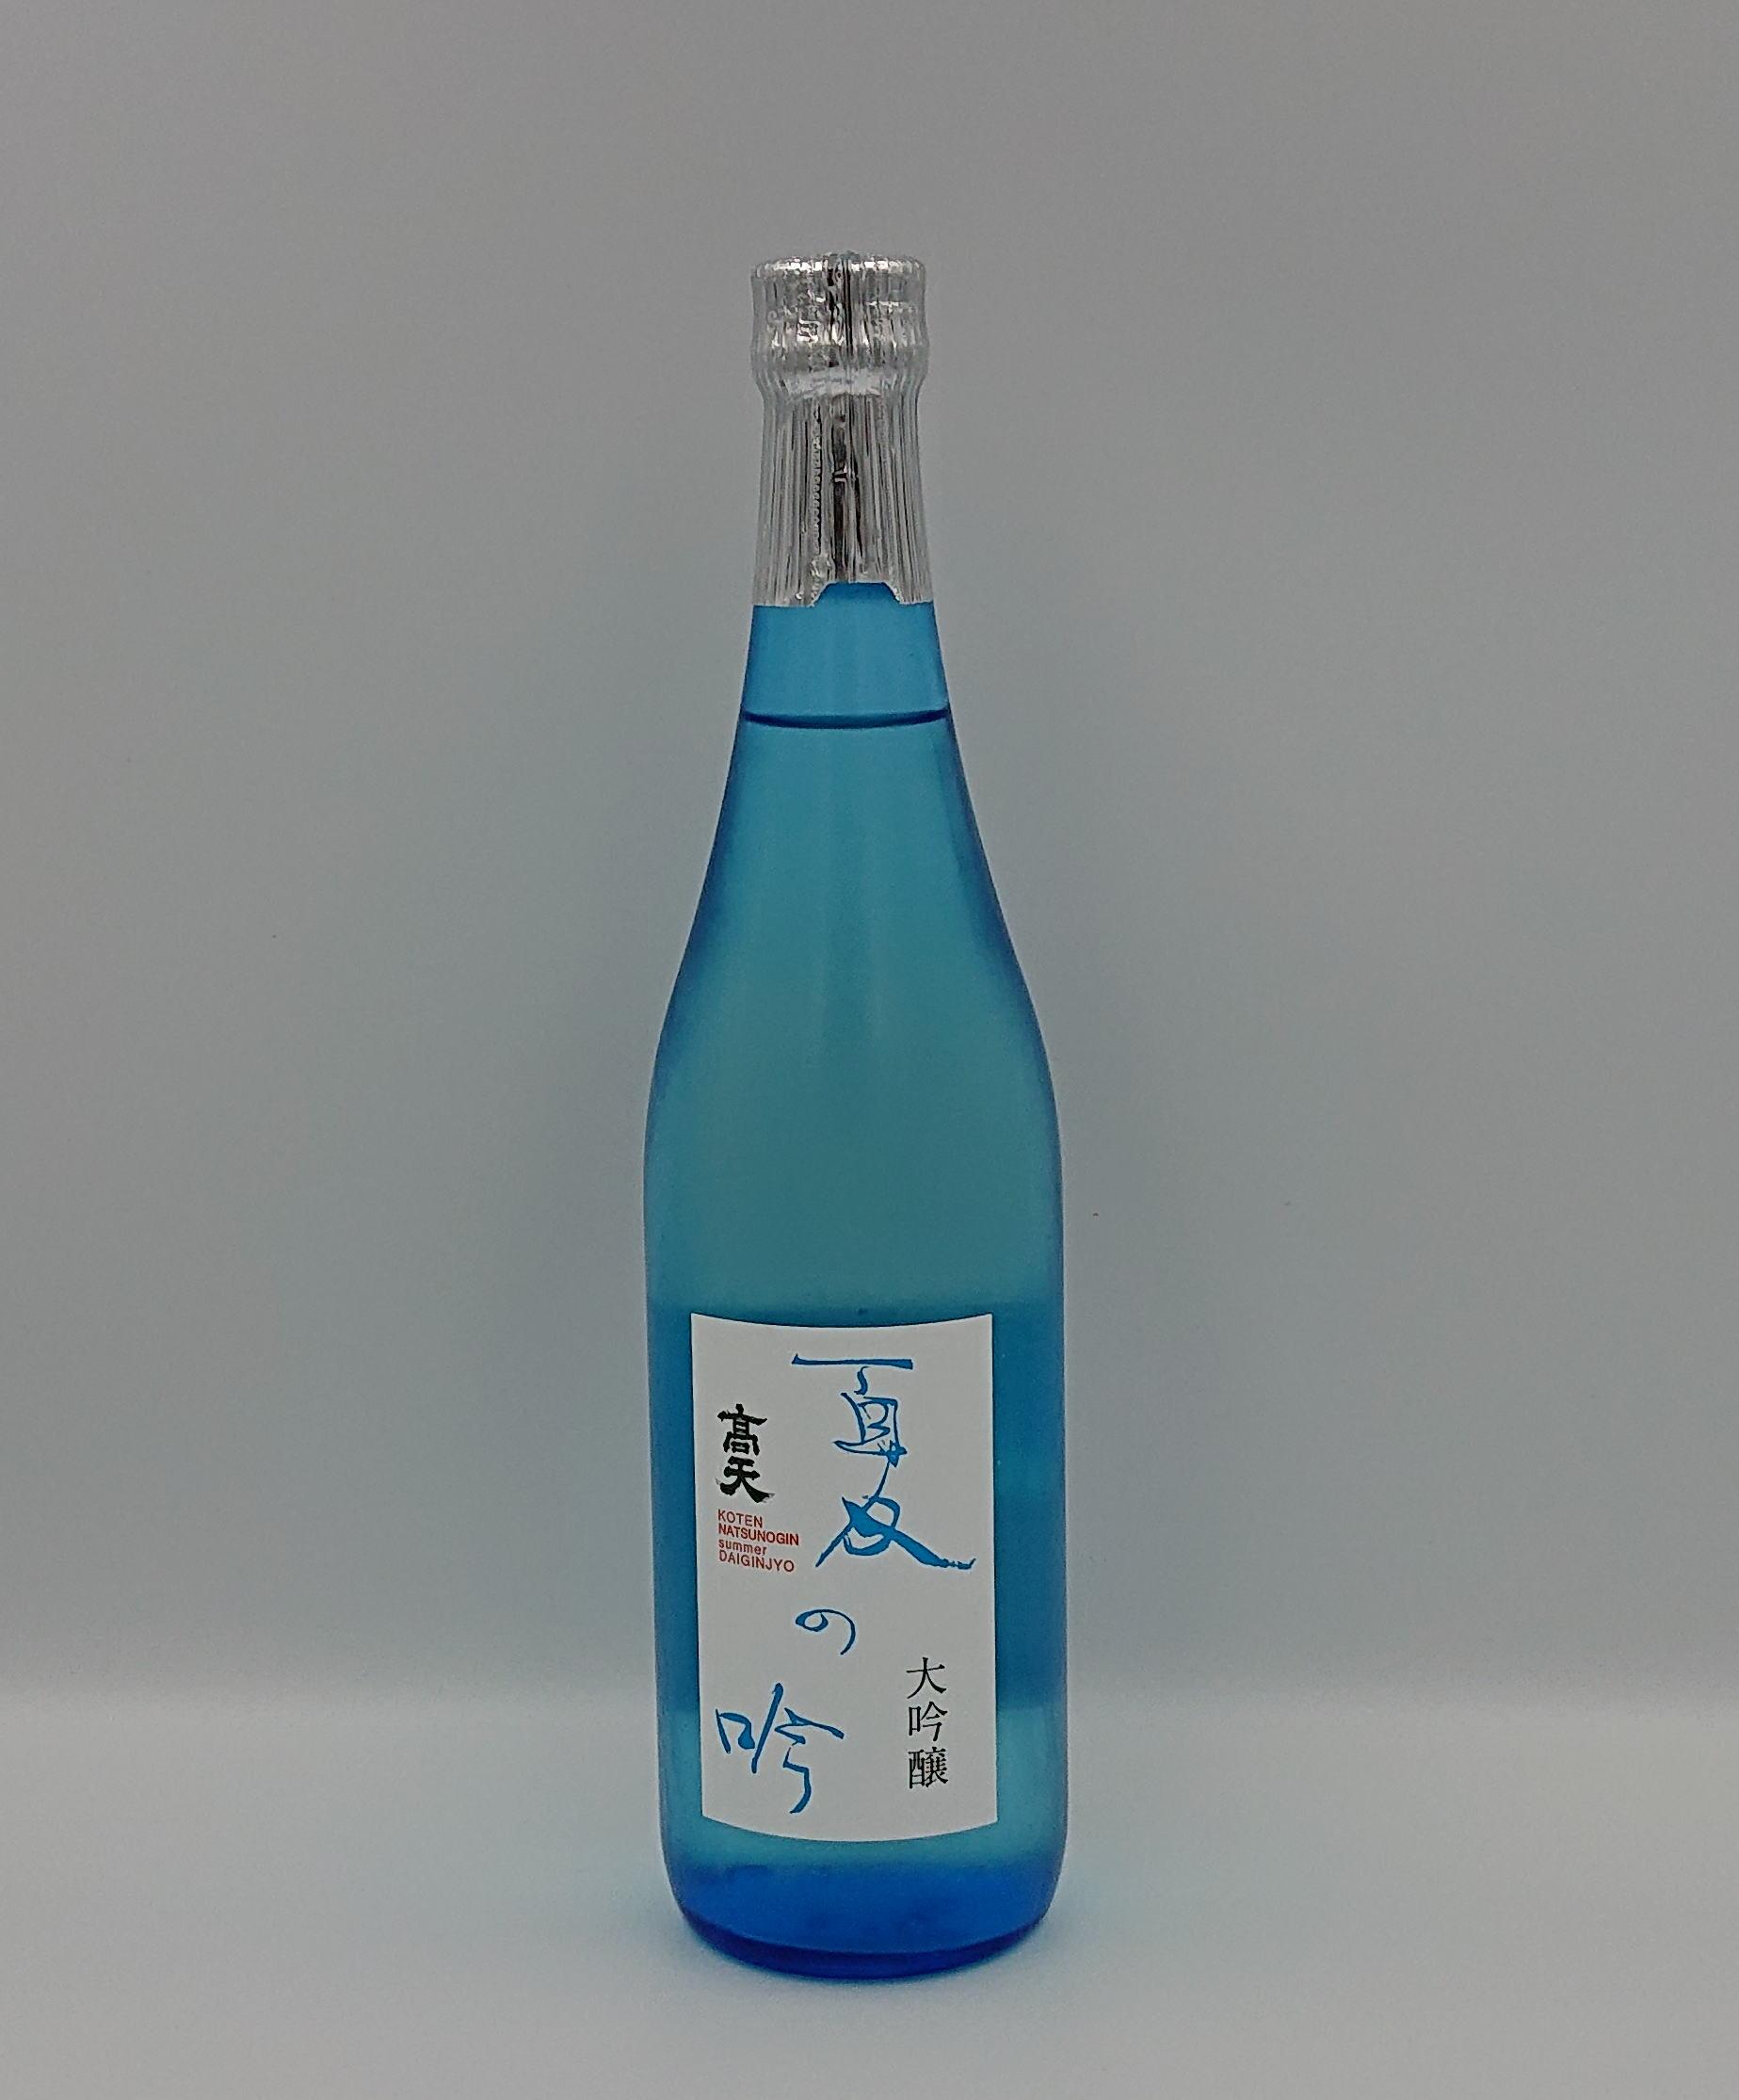 メーカー:高天酒造 豊富な品 日本酒 高天酒造 高天 ランキング総合1位 大吟醸 720ml 夏の吟